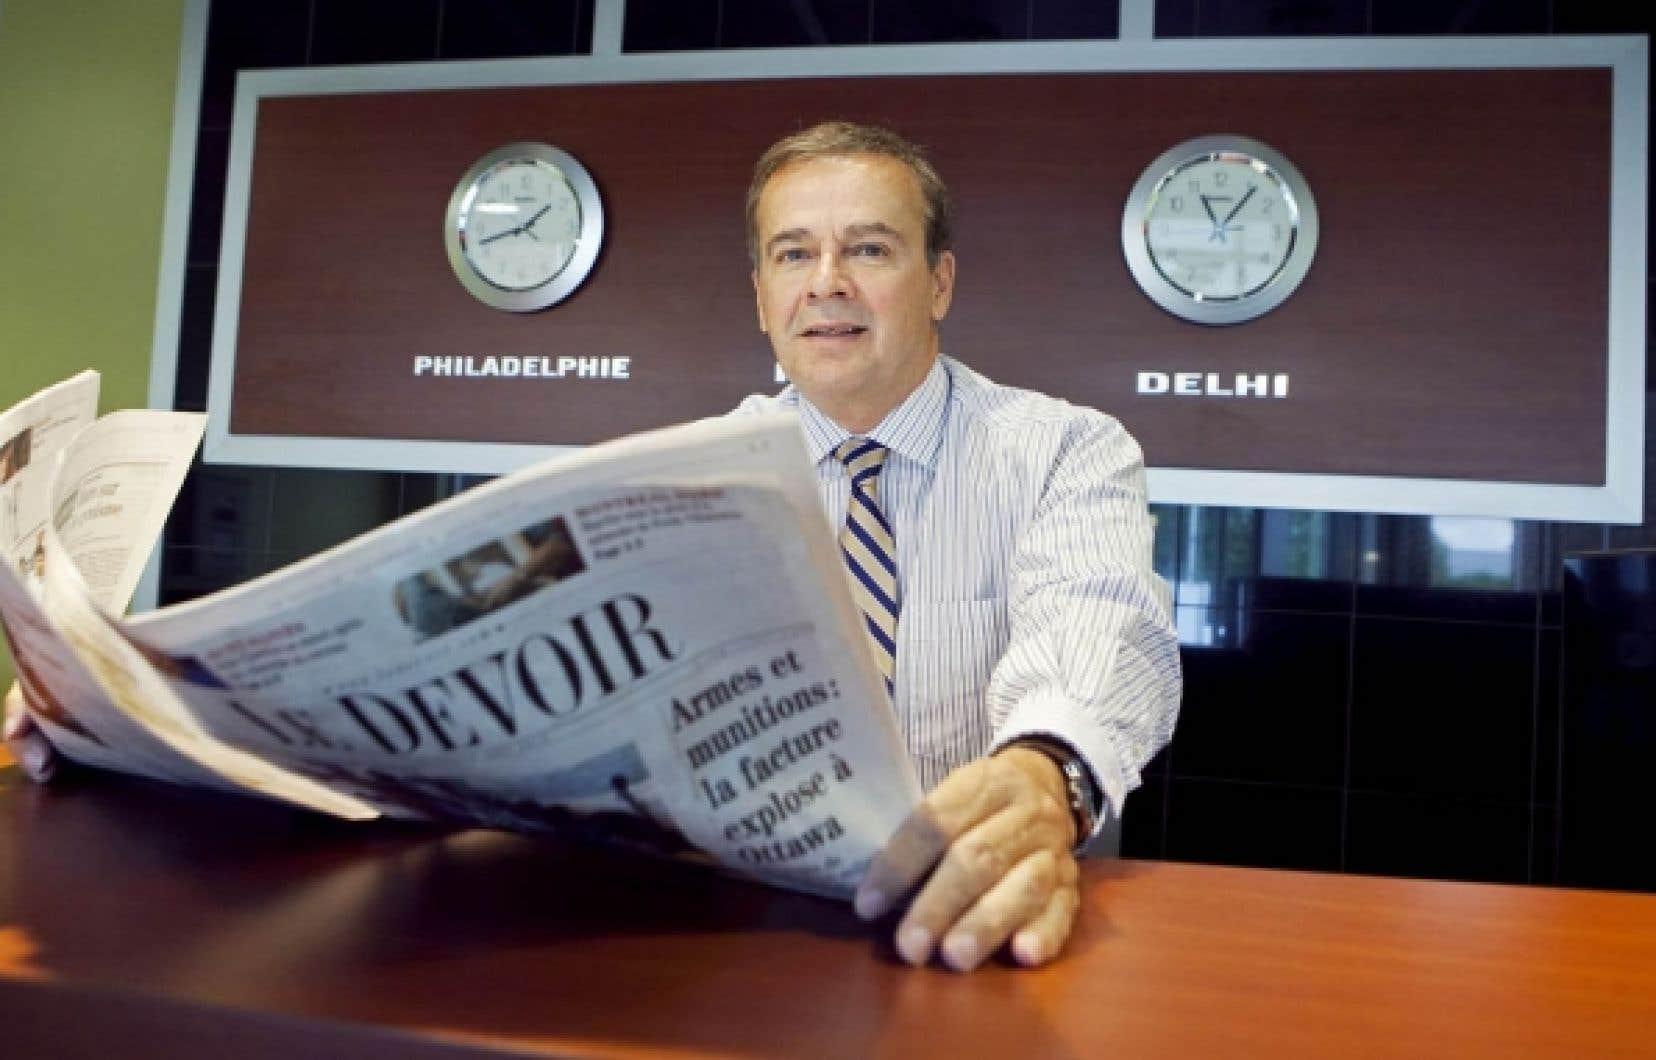 Avocat de formation, l'ancien député péquiste Normand Jutras règle depuis son domicile de Delhi les questions légales et administratives qui vont de pair avec ce qu'il appelle sa «nouvelle carrière».<br />